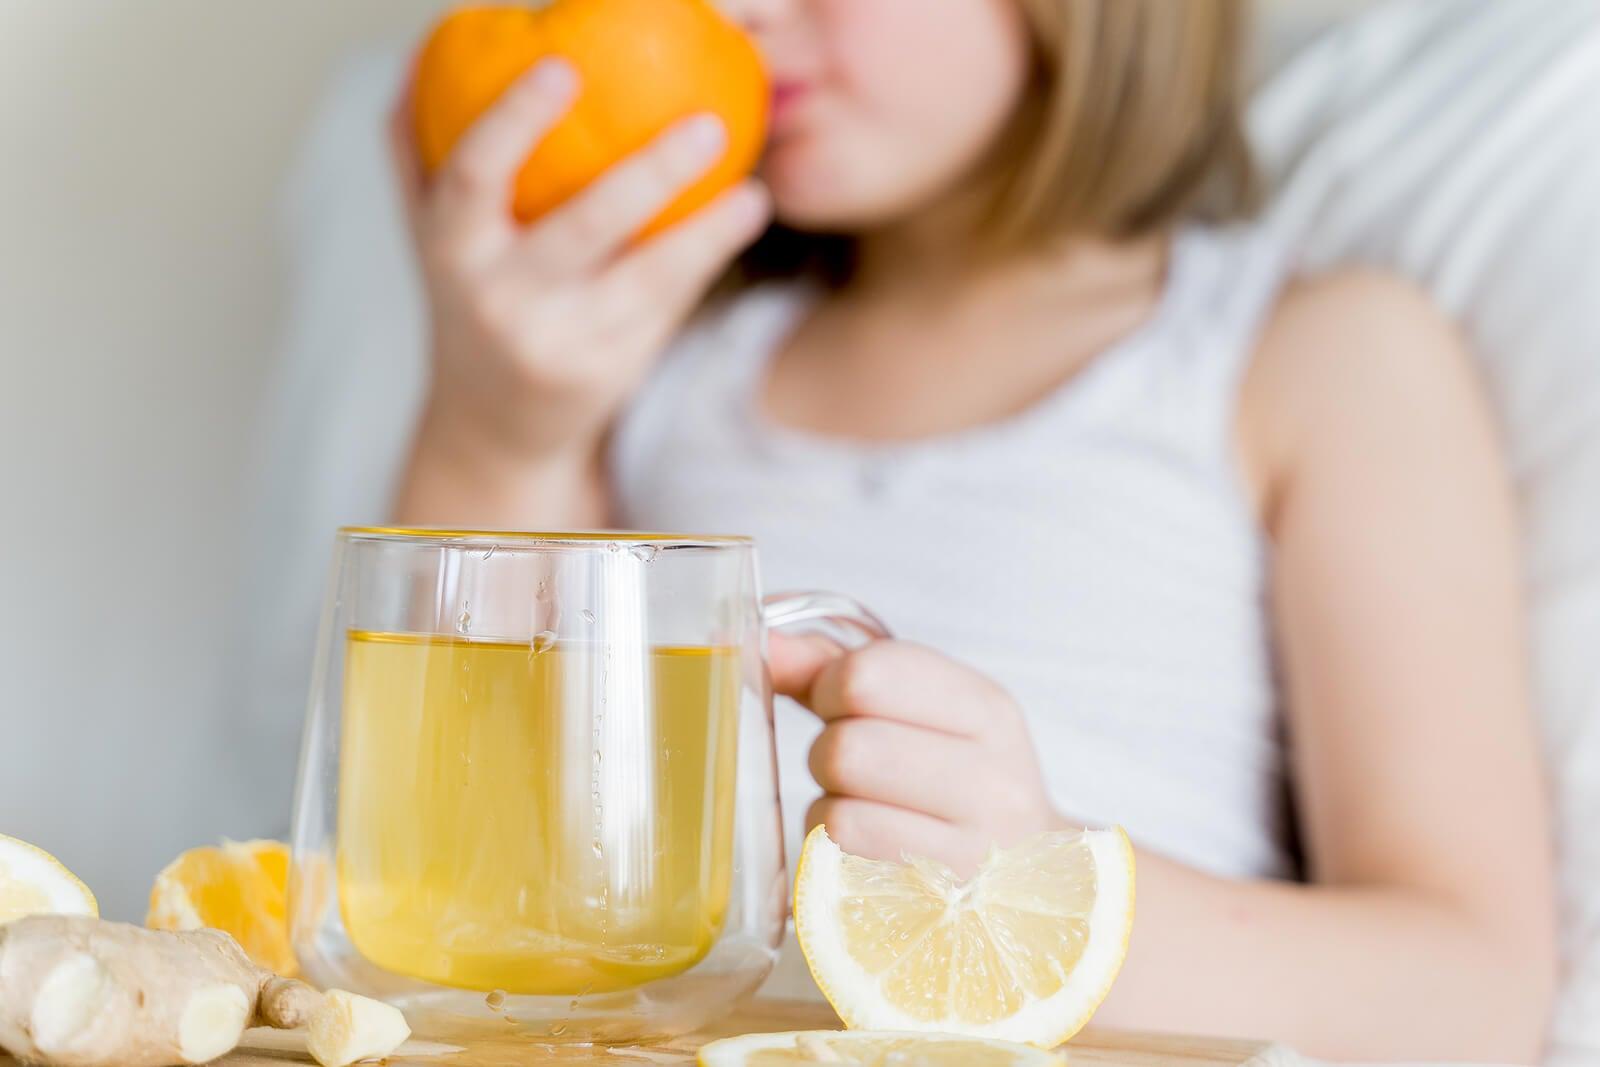 Niña bebiendo zumo de naranja.